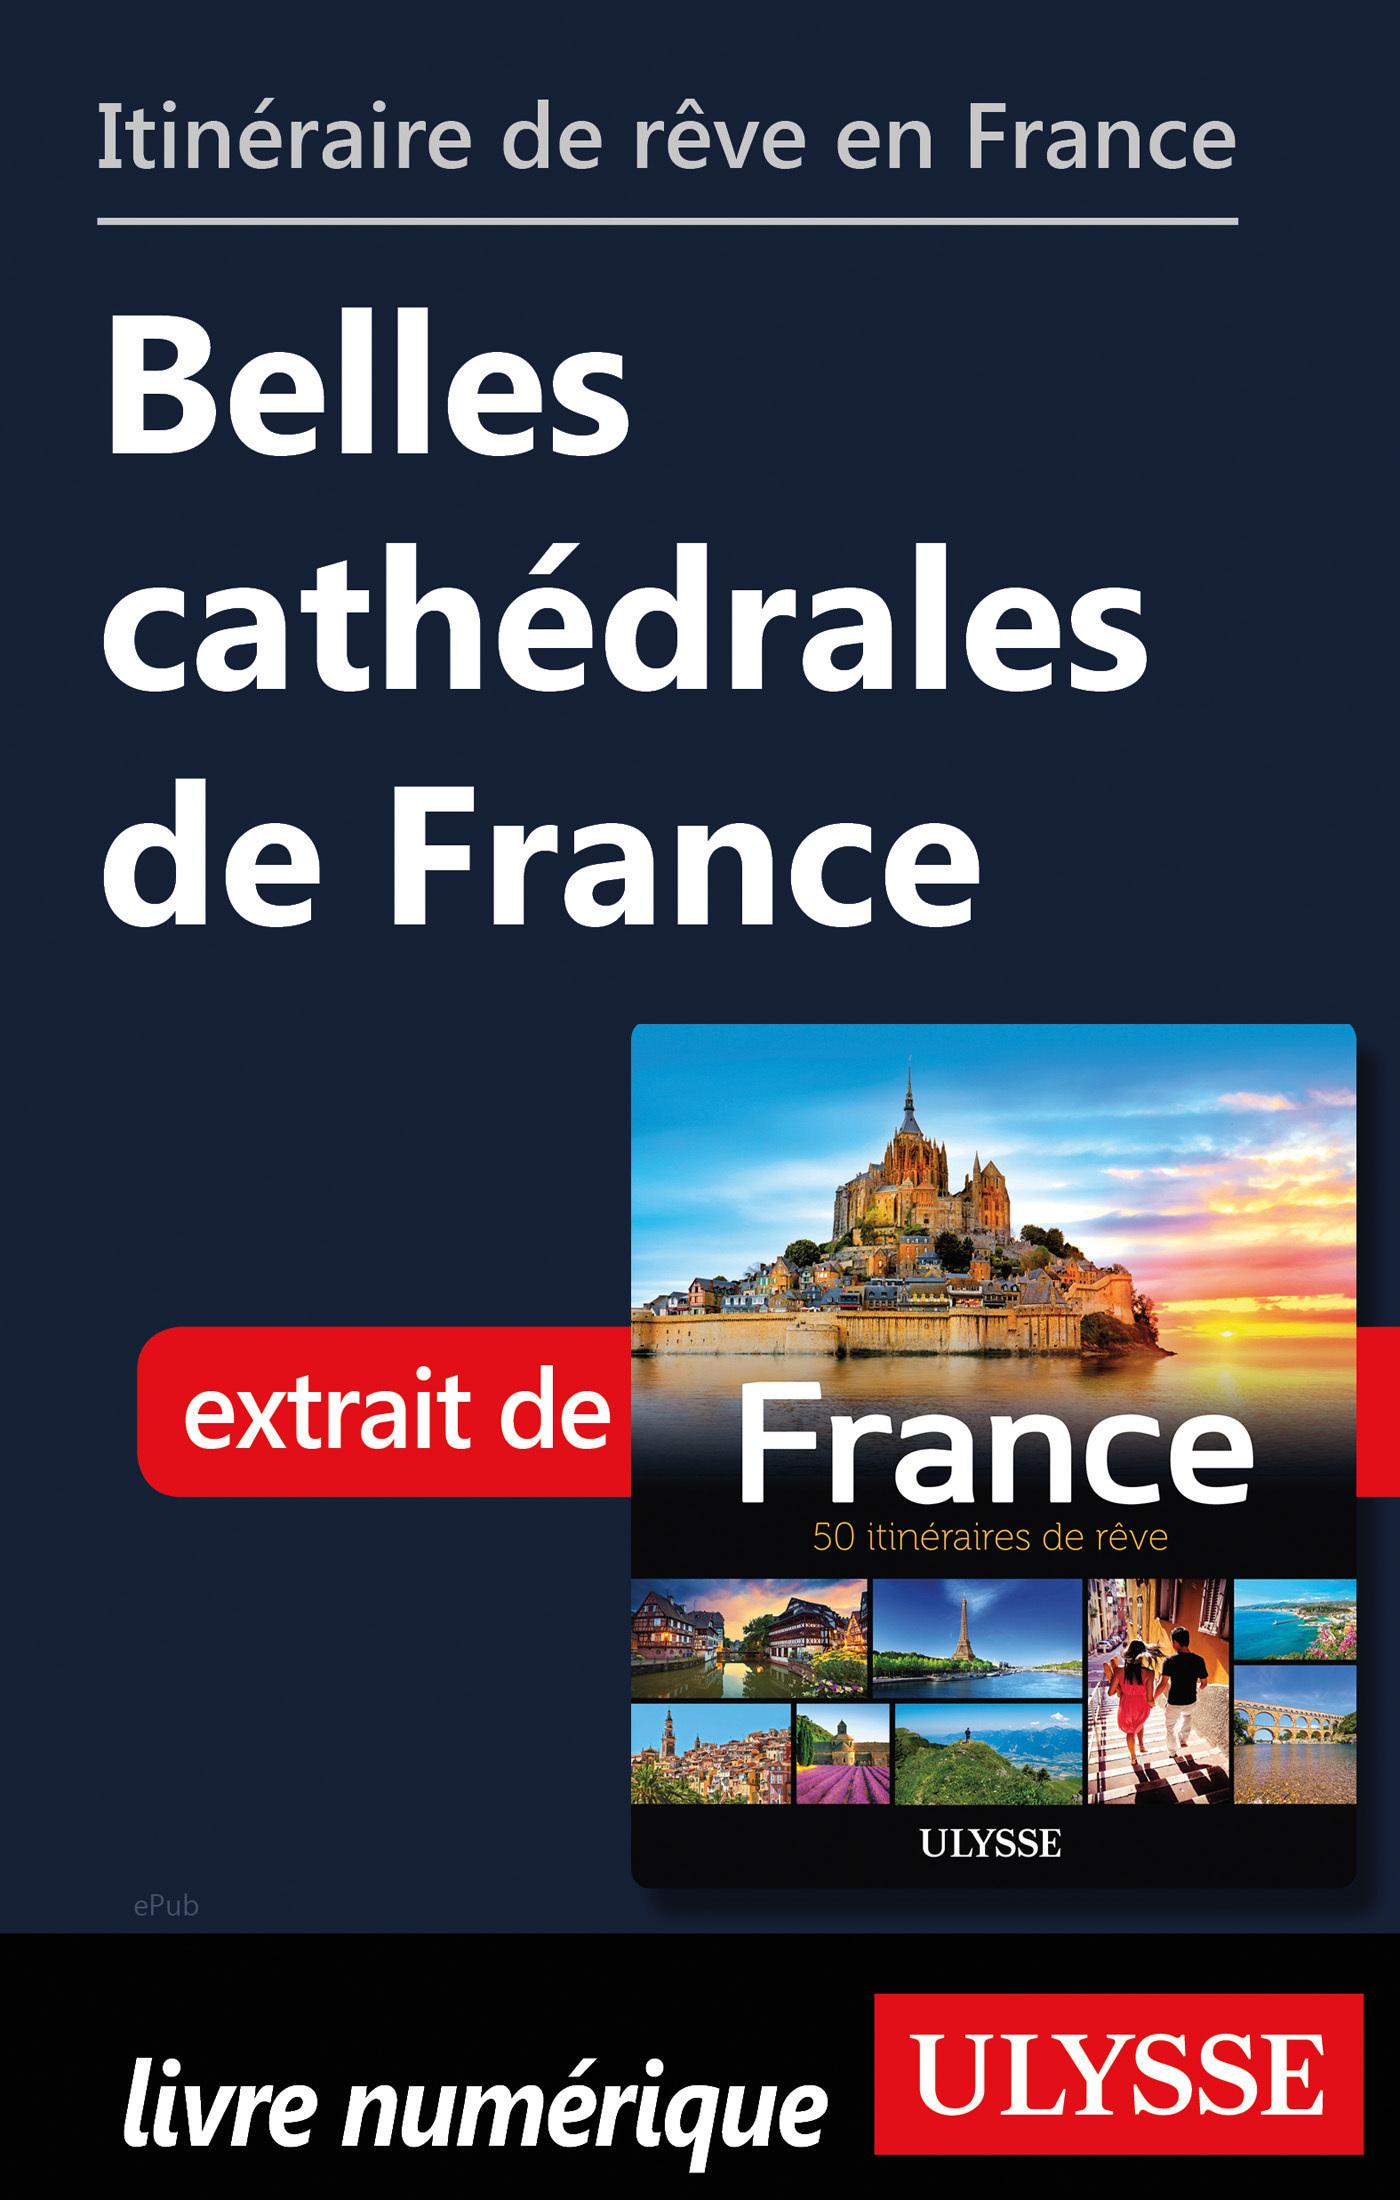 Itinéraire de rêve en France - Belles cathédrales de France